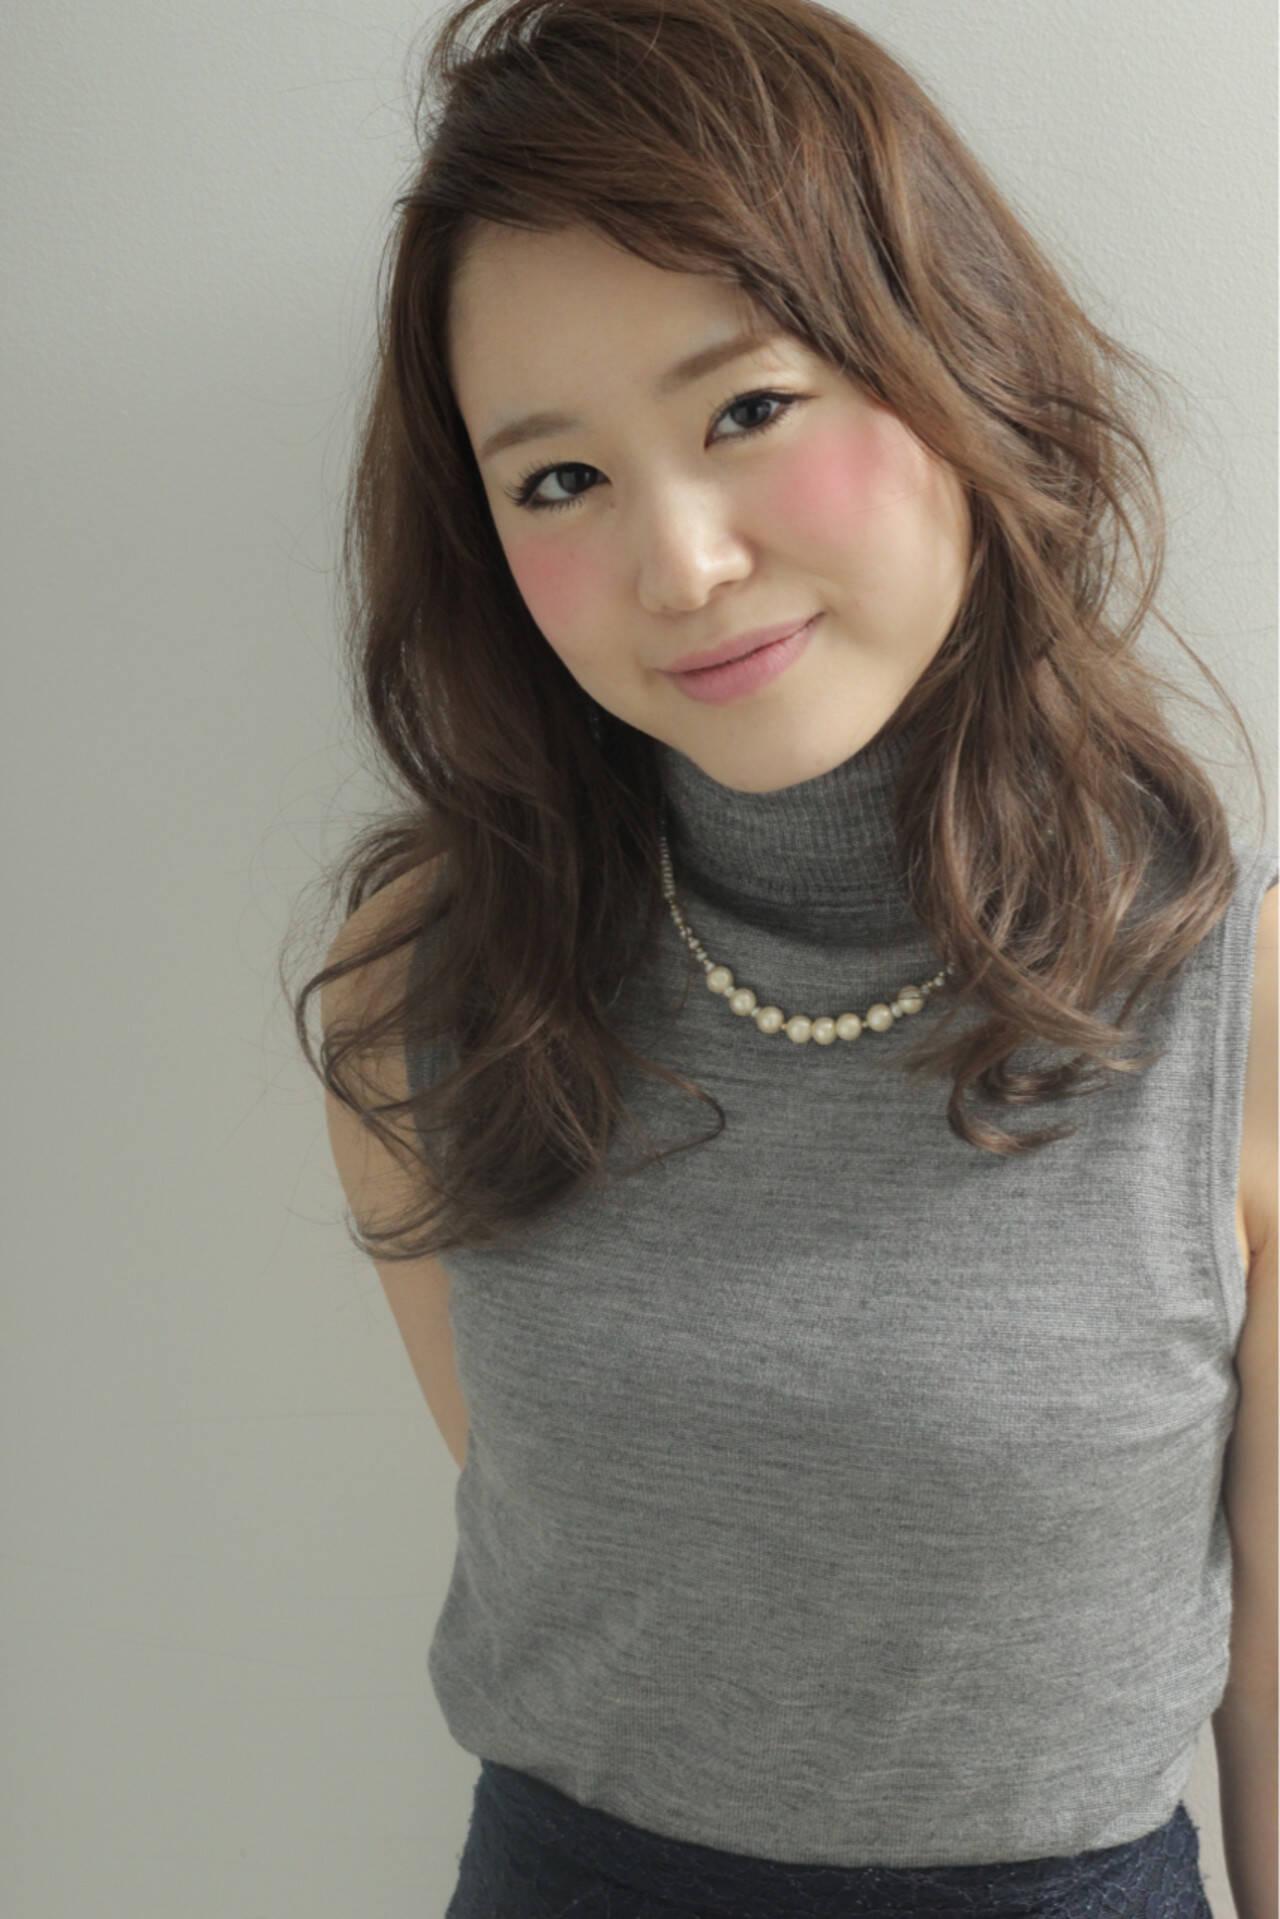 アッシュ セミロング ショート 簡単ヘアアレンジヘアスタイルや髪型の写真・画像